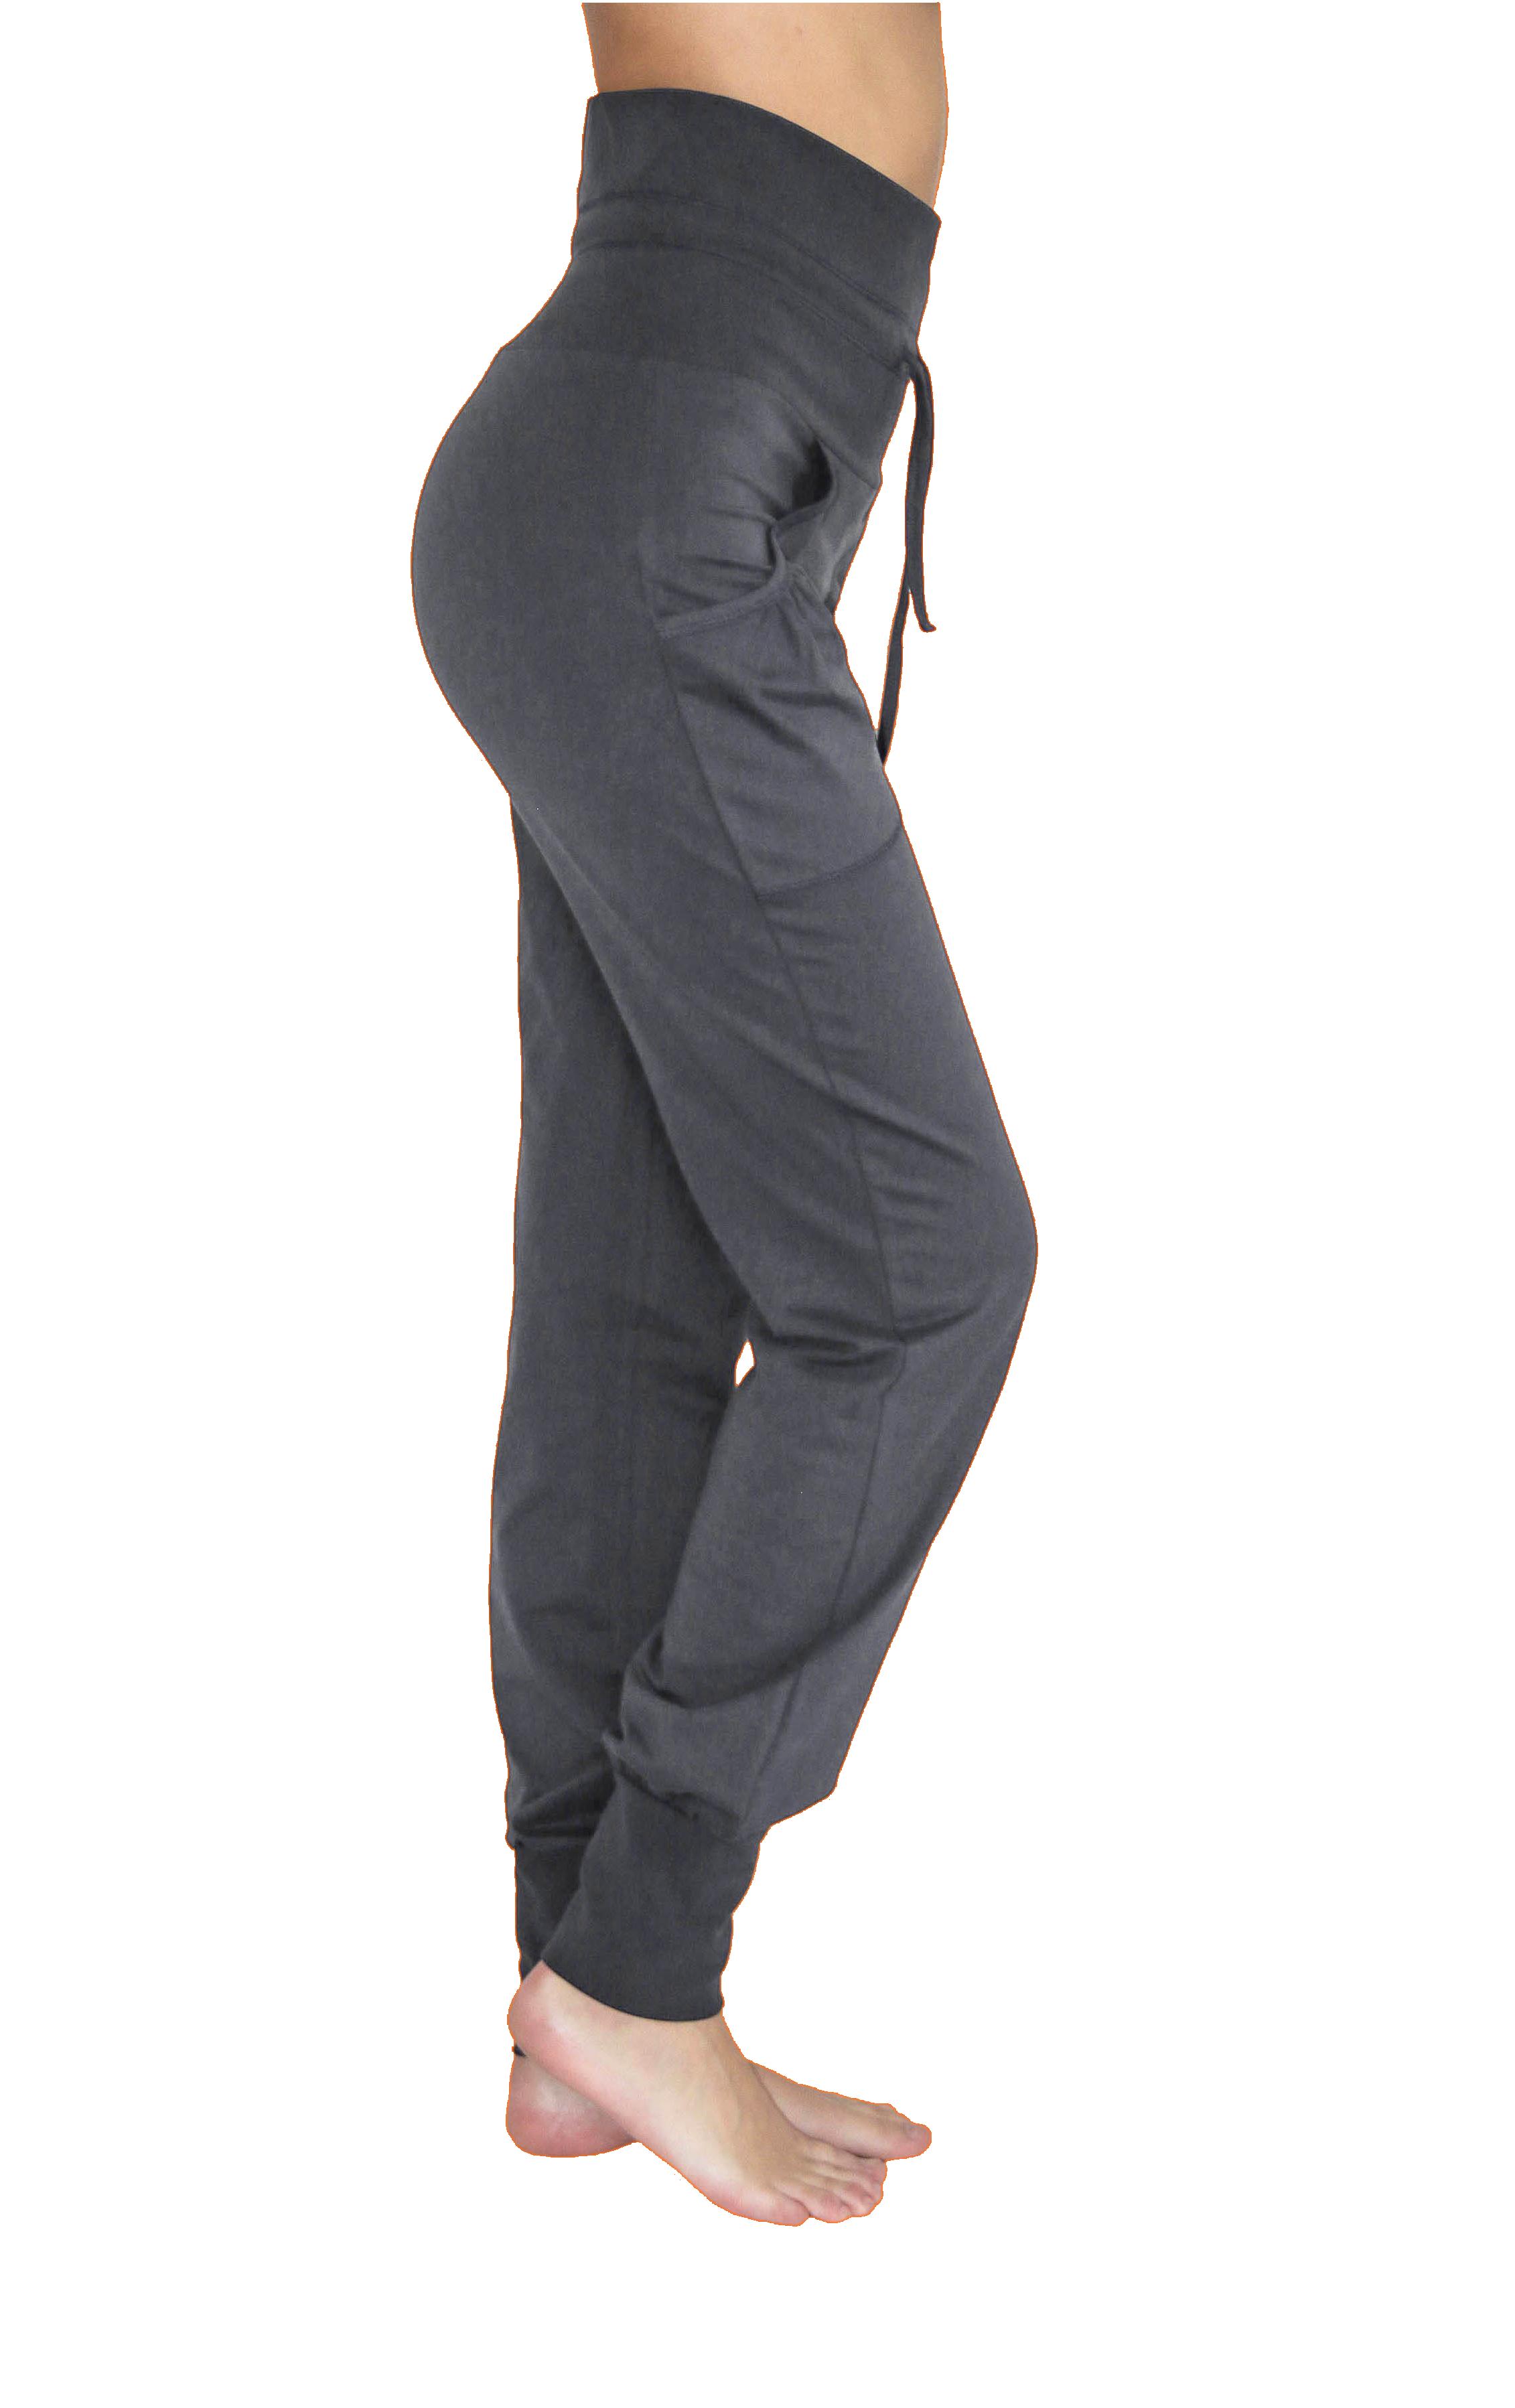 e3f923b77d88 ... Vorschau  Leela Cotton Damen Yogahose mit Taschen Bio-Baumwolle    Elasthan